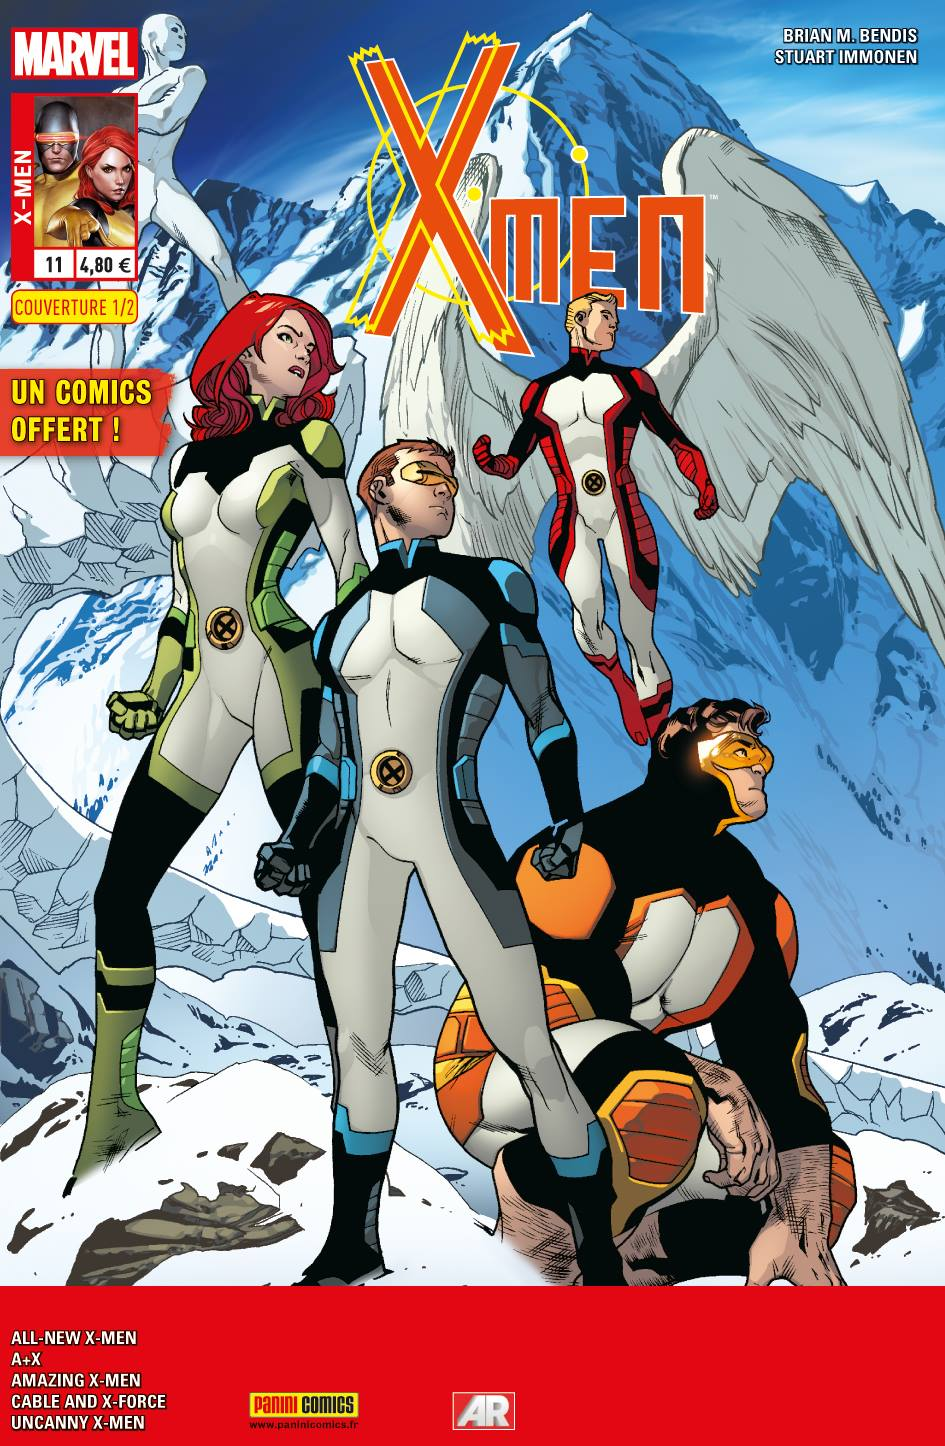 X-MEN 11 (Couv A1)